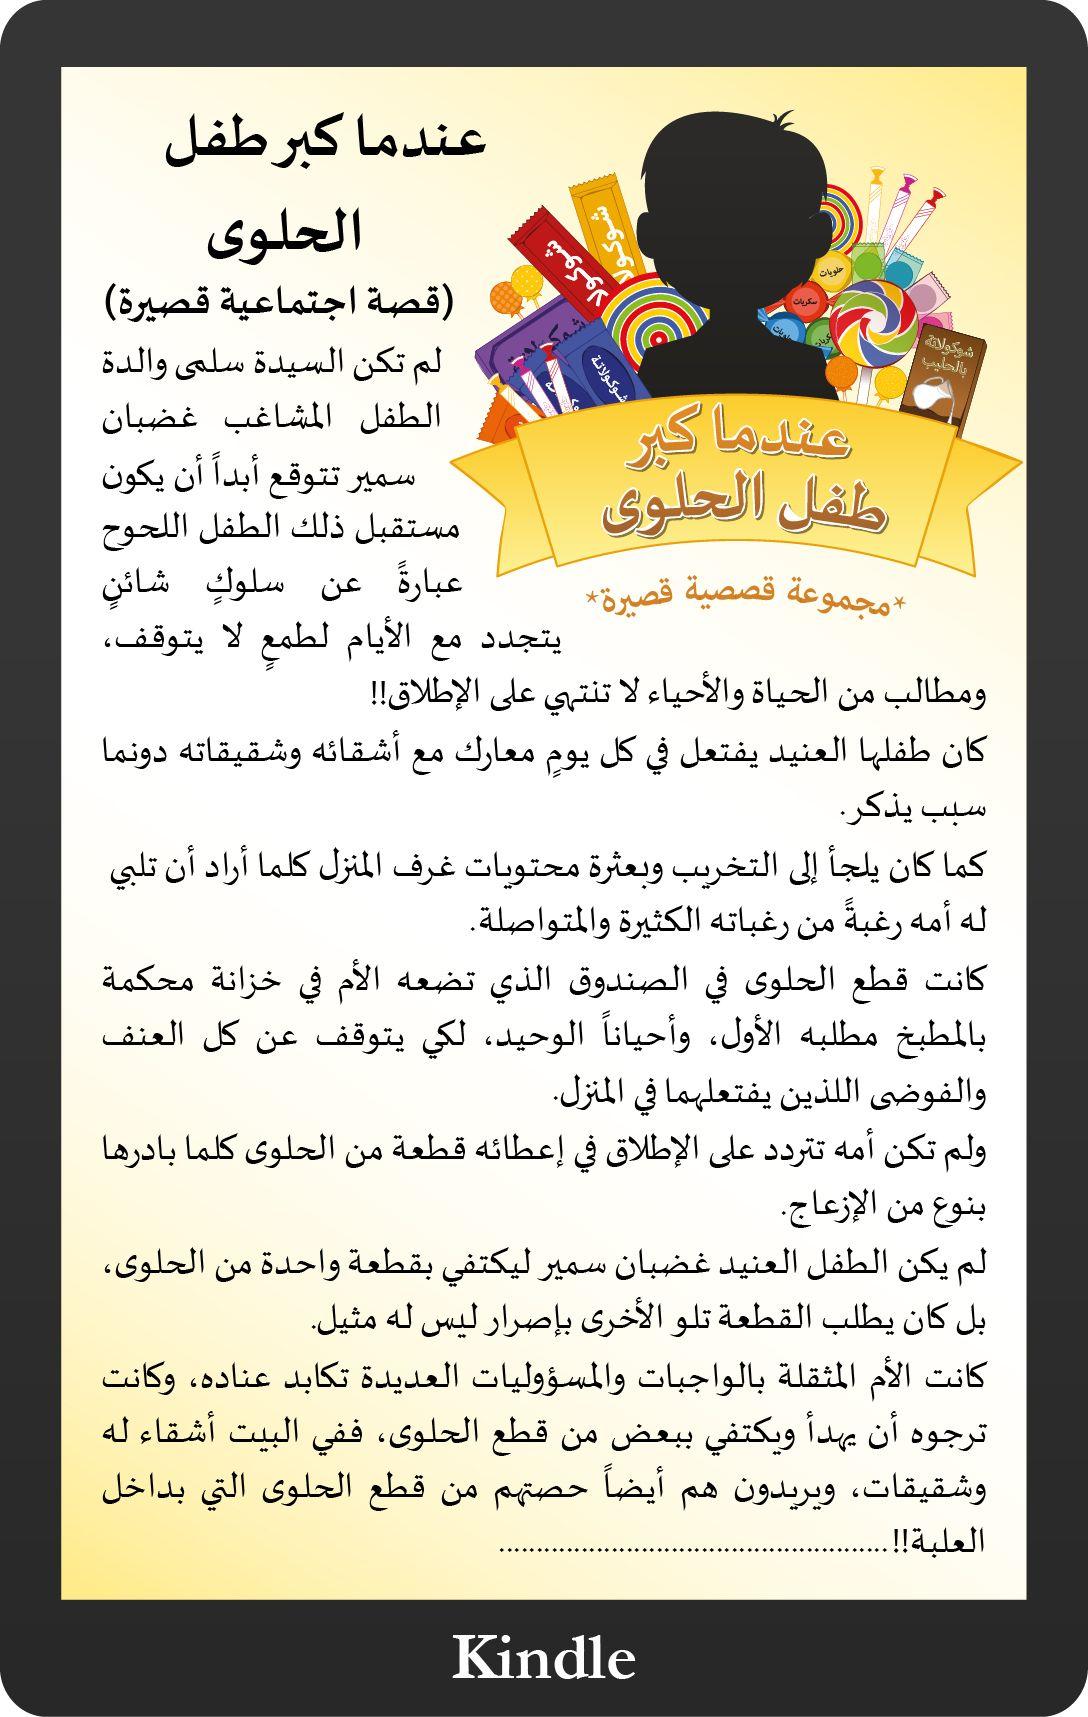 عندما كبر طفل الحلوى مجموعة قصصية قصيرة Kindle Reading Kindle App Amazon Books